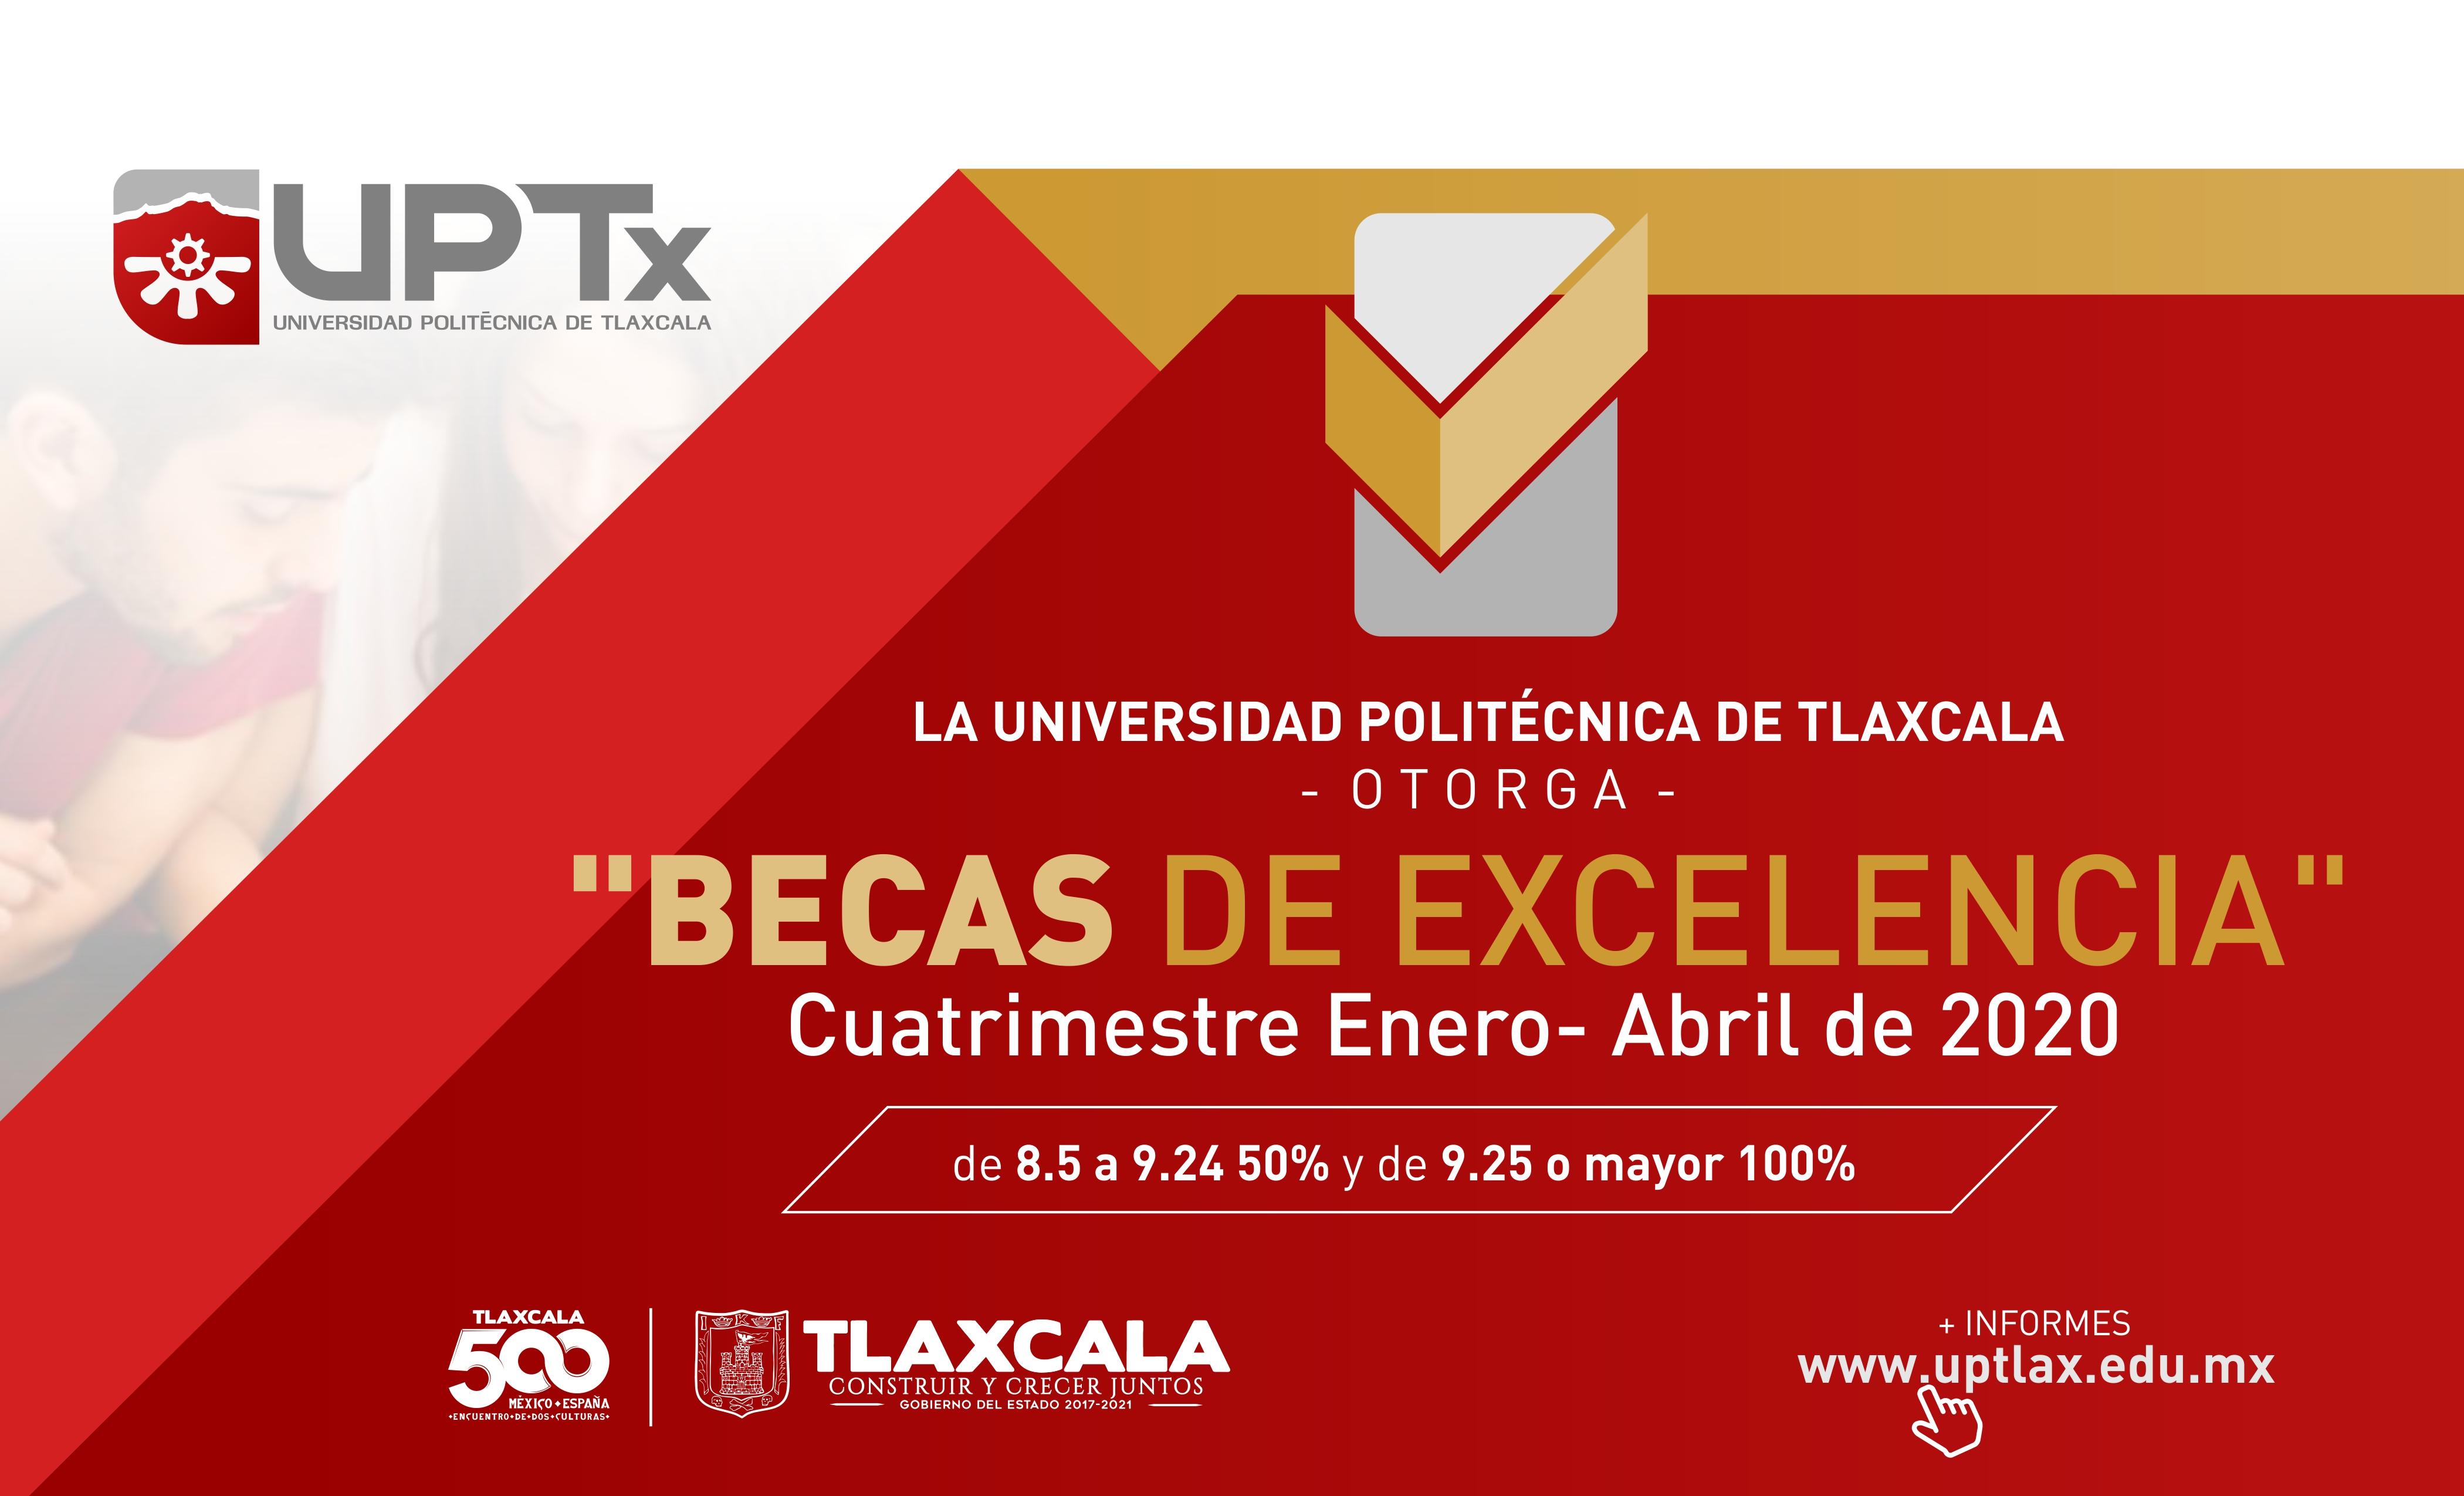 Beca Excelencia UPTx Ene-Abr 2020